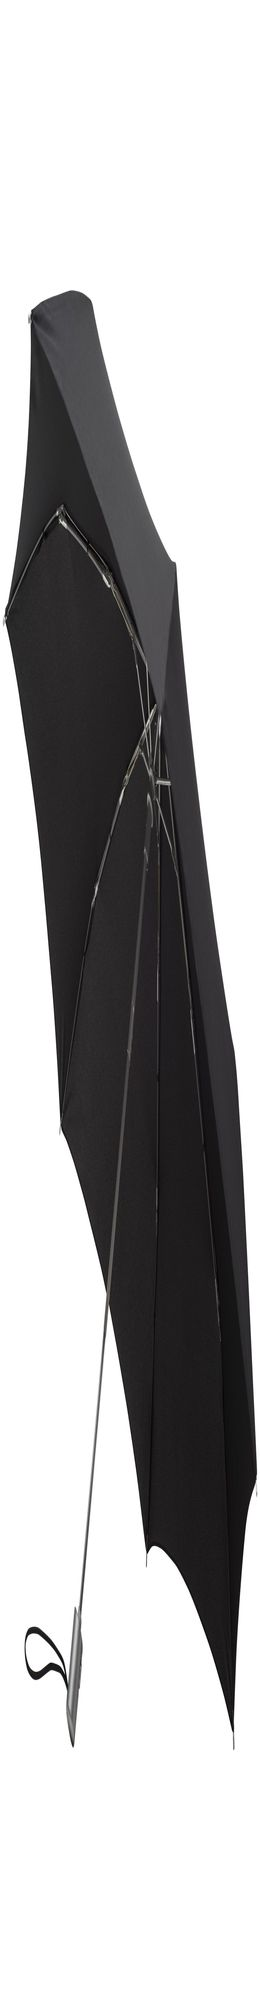 Складной зонт Alu Drop, 3 сложения, 7 спиц, автомат, черный фото